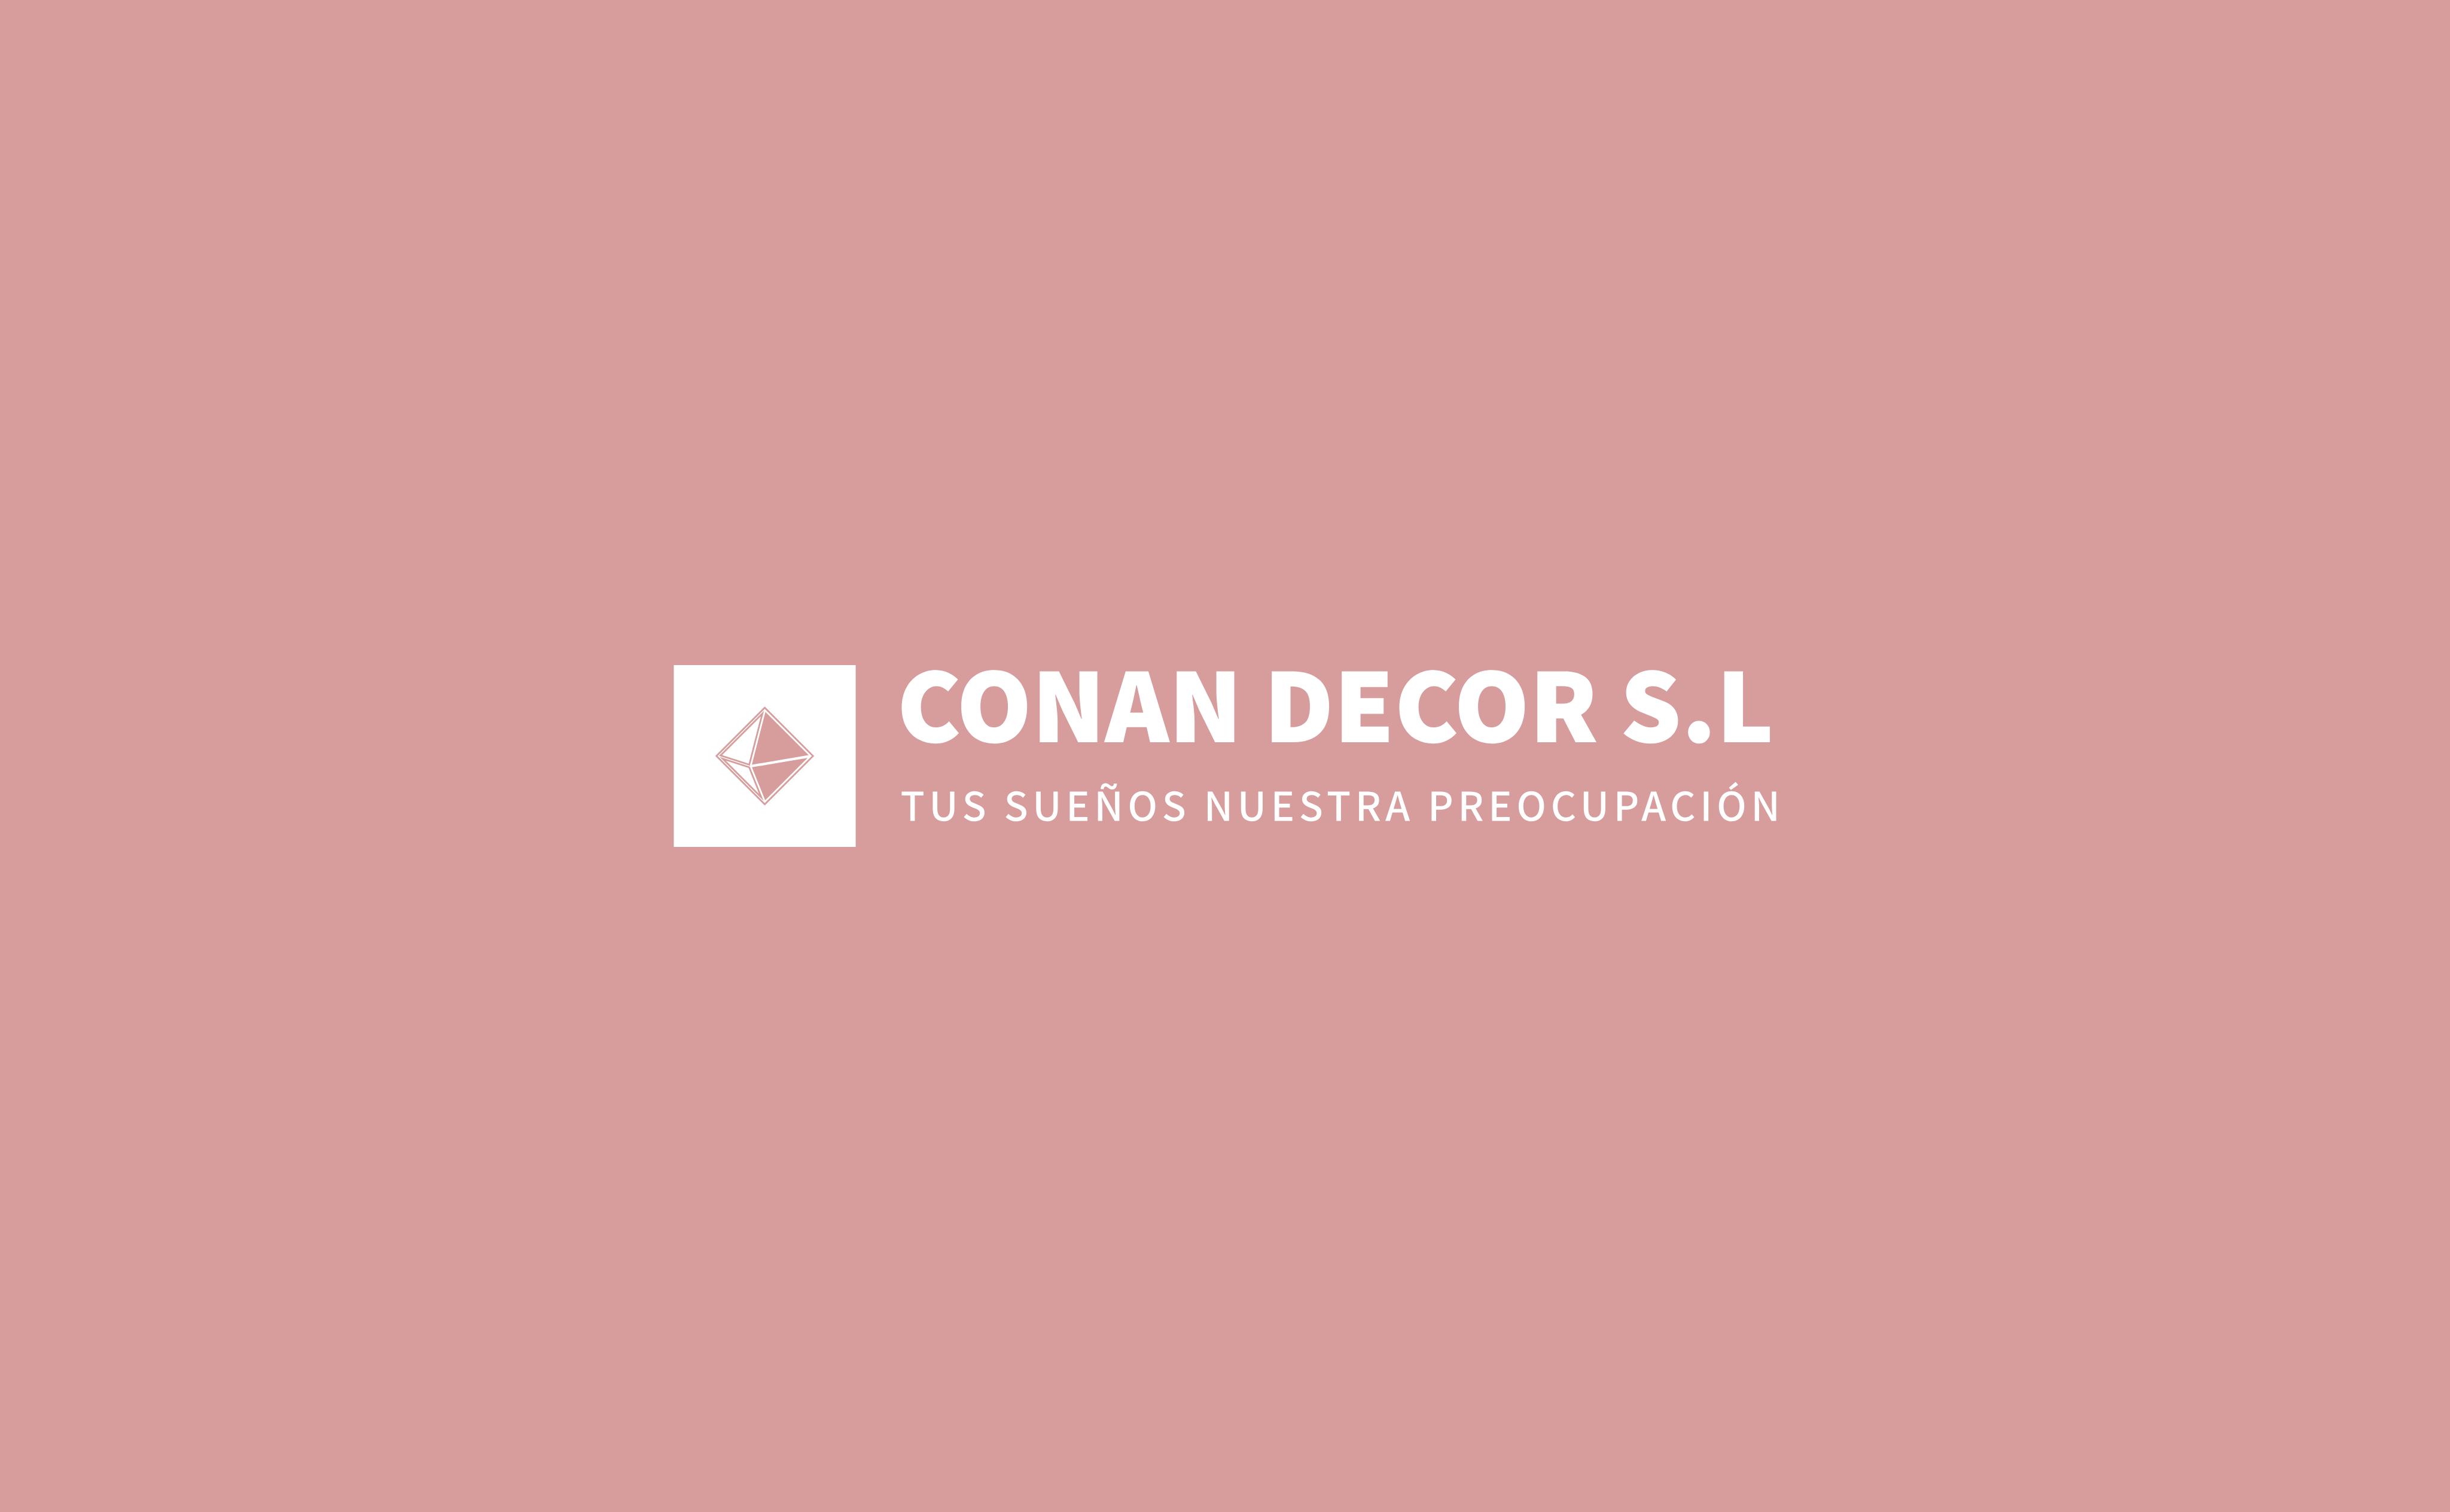 Conan Decor Sl